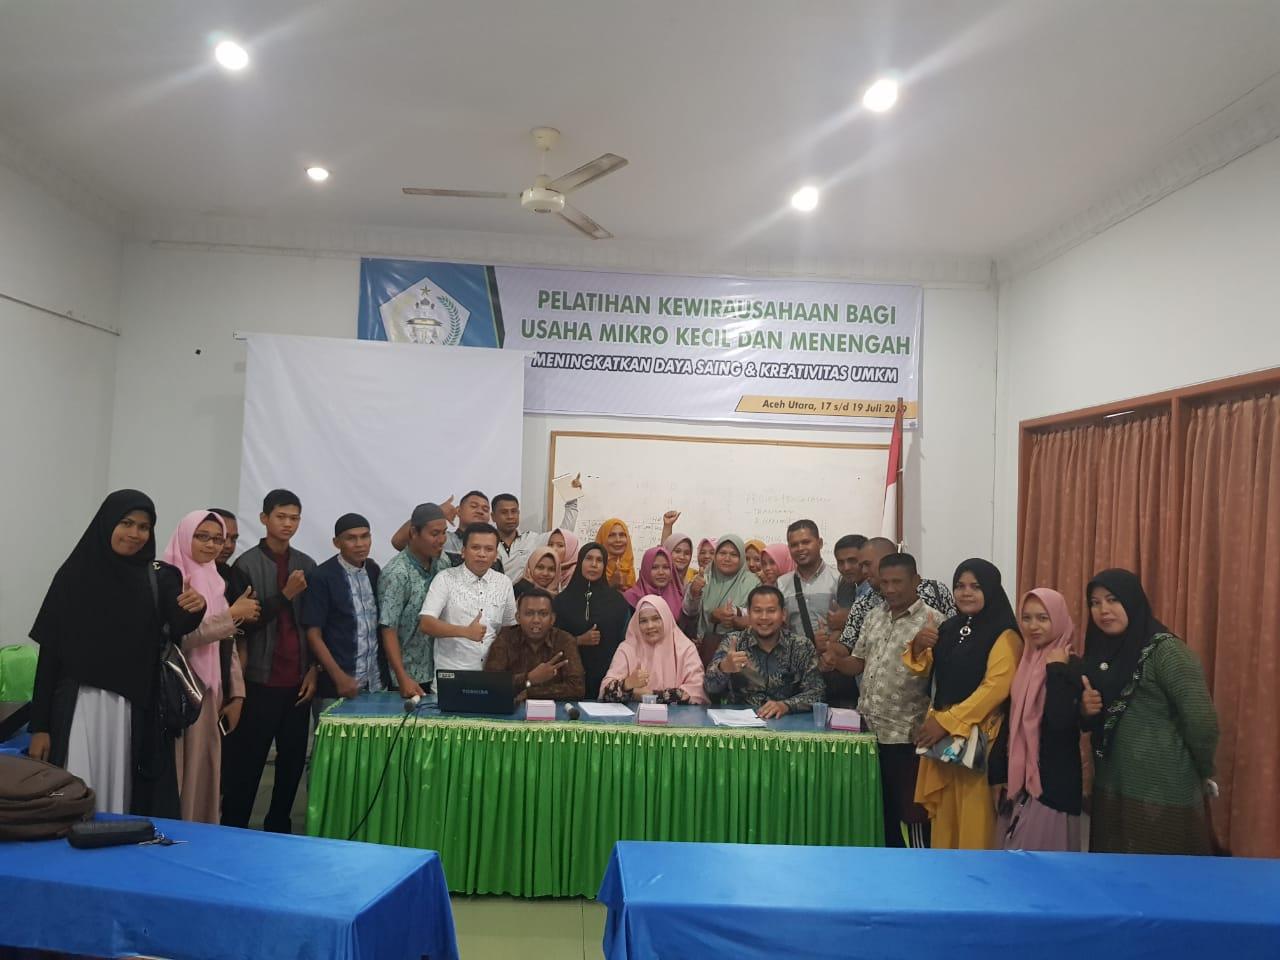 http://news.unimal.ac.id/index/single/360/dosen-fakultas-hukum-unimal-beri-pelatihan-kewirausahaan-di-disperindagkop-dan-ukm-aceh-utara